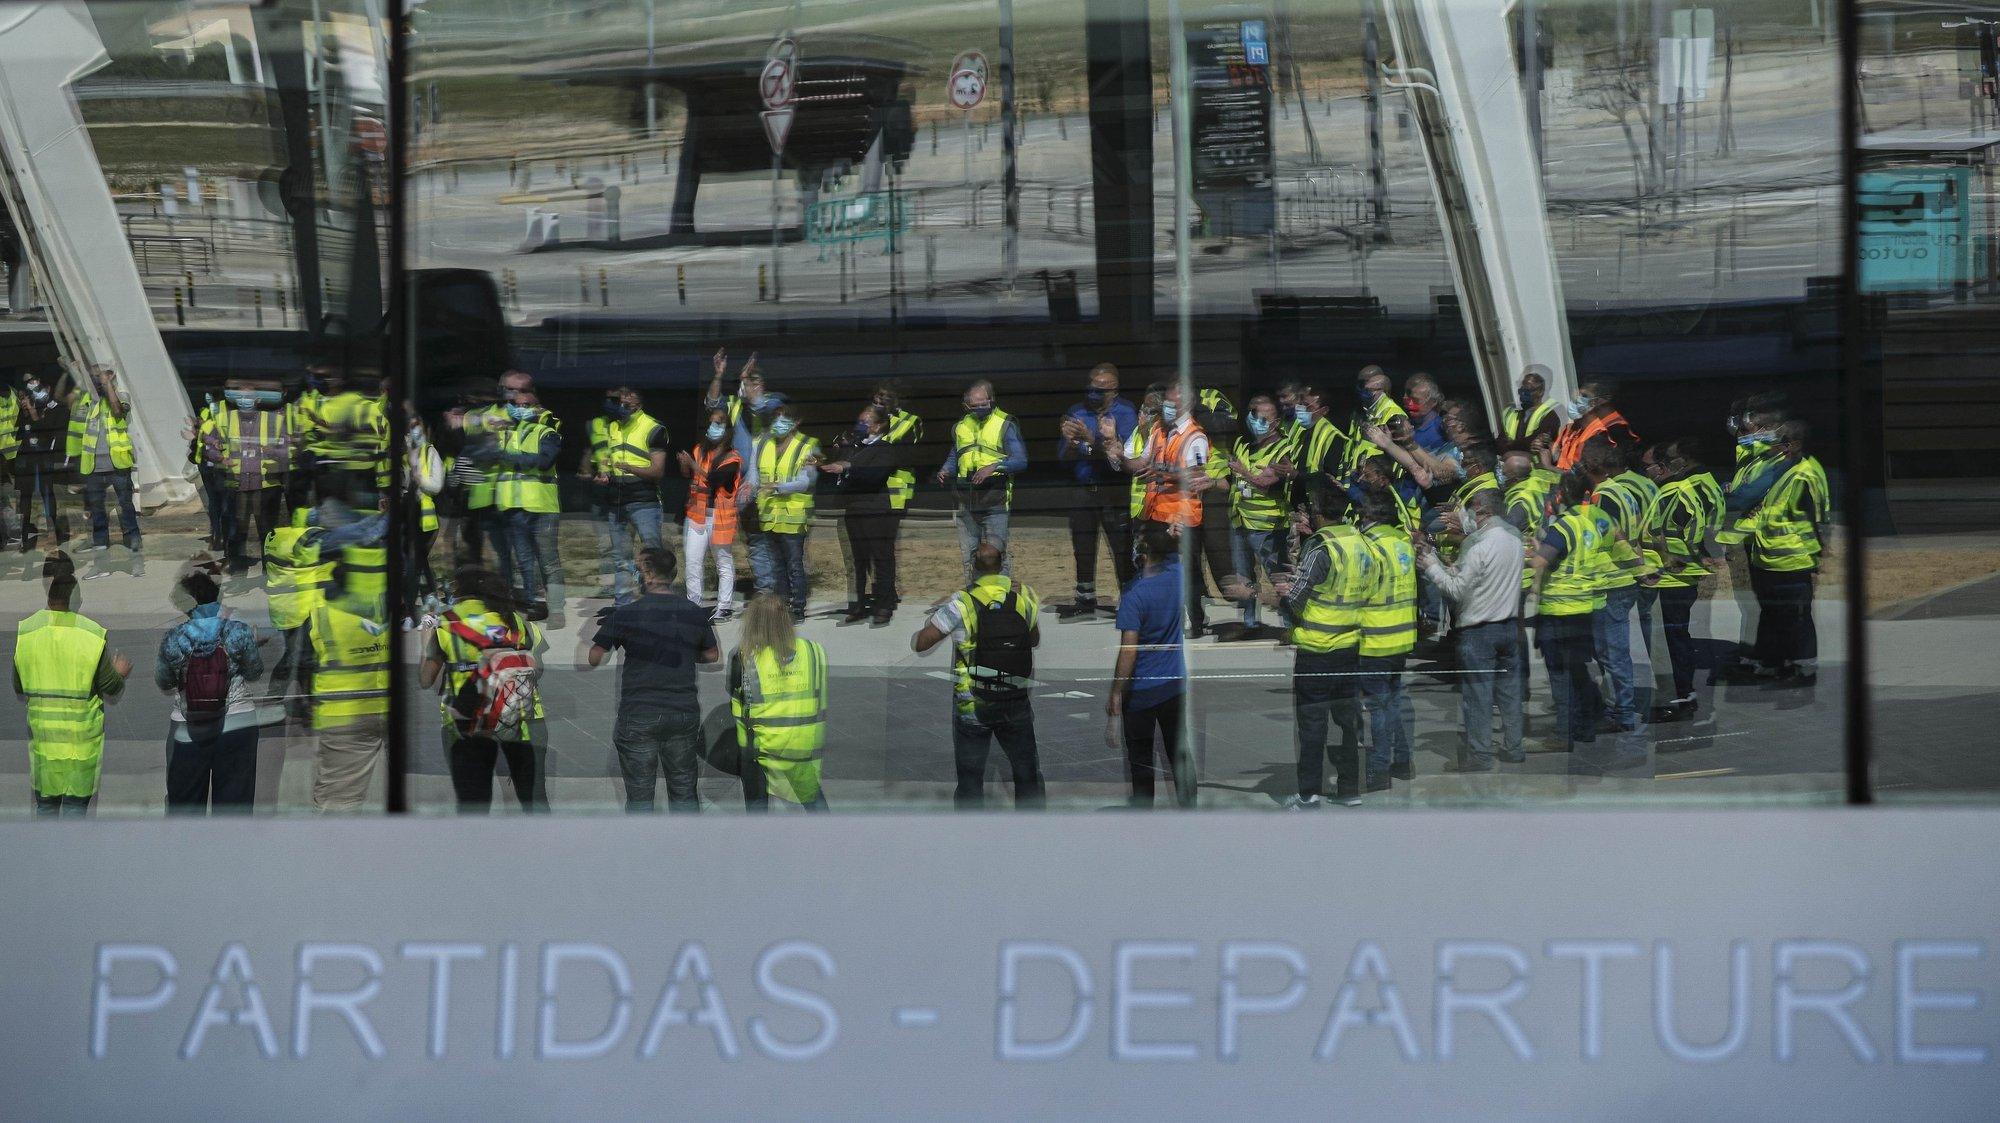 Trabalhadores da Groundforce durante a manifestação convocada pelo movimento SOS handling, em protesto pelo não pagamento de salários e os despedimentos anunciados, no aeroporto de Faro, em Faro, 11 de março de 2021. LUÍS FORRA/LUSA